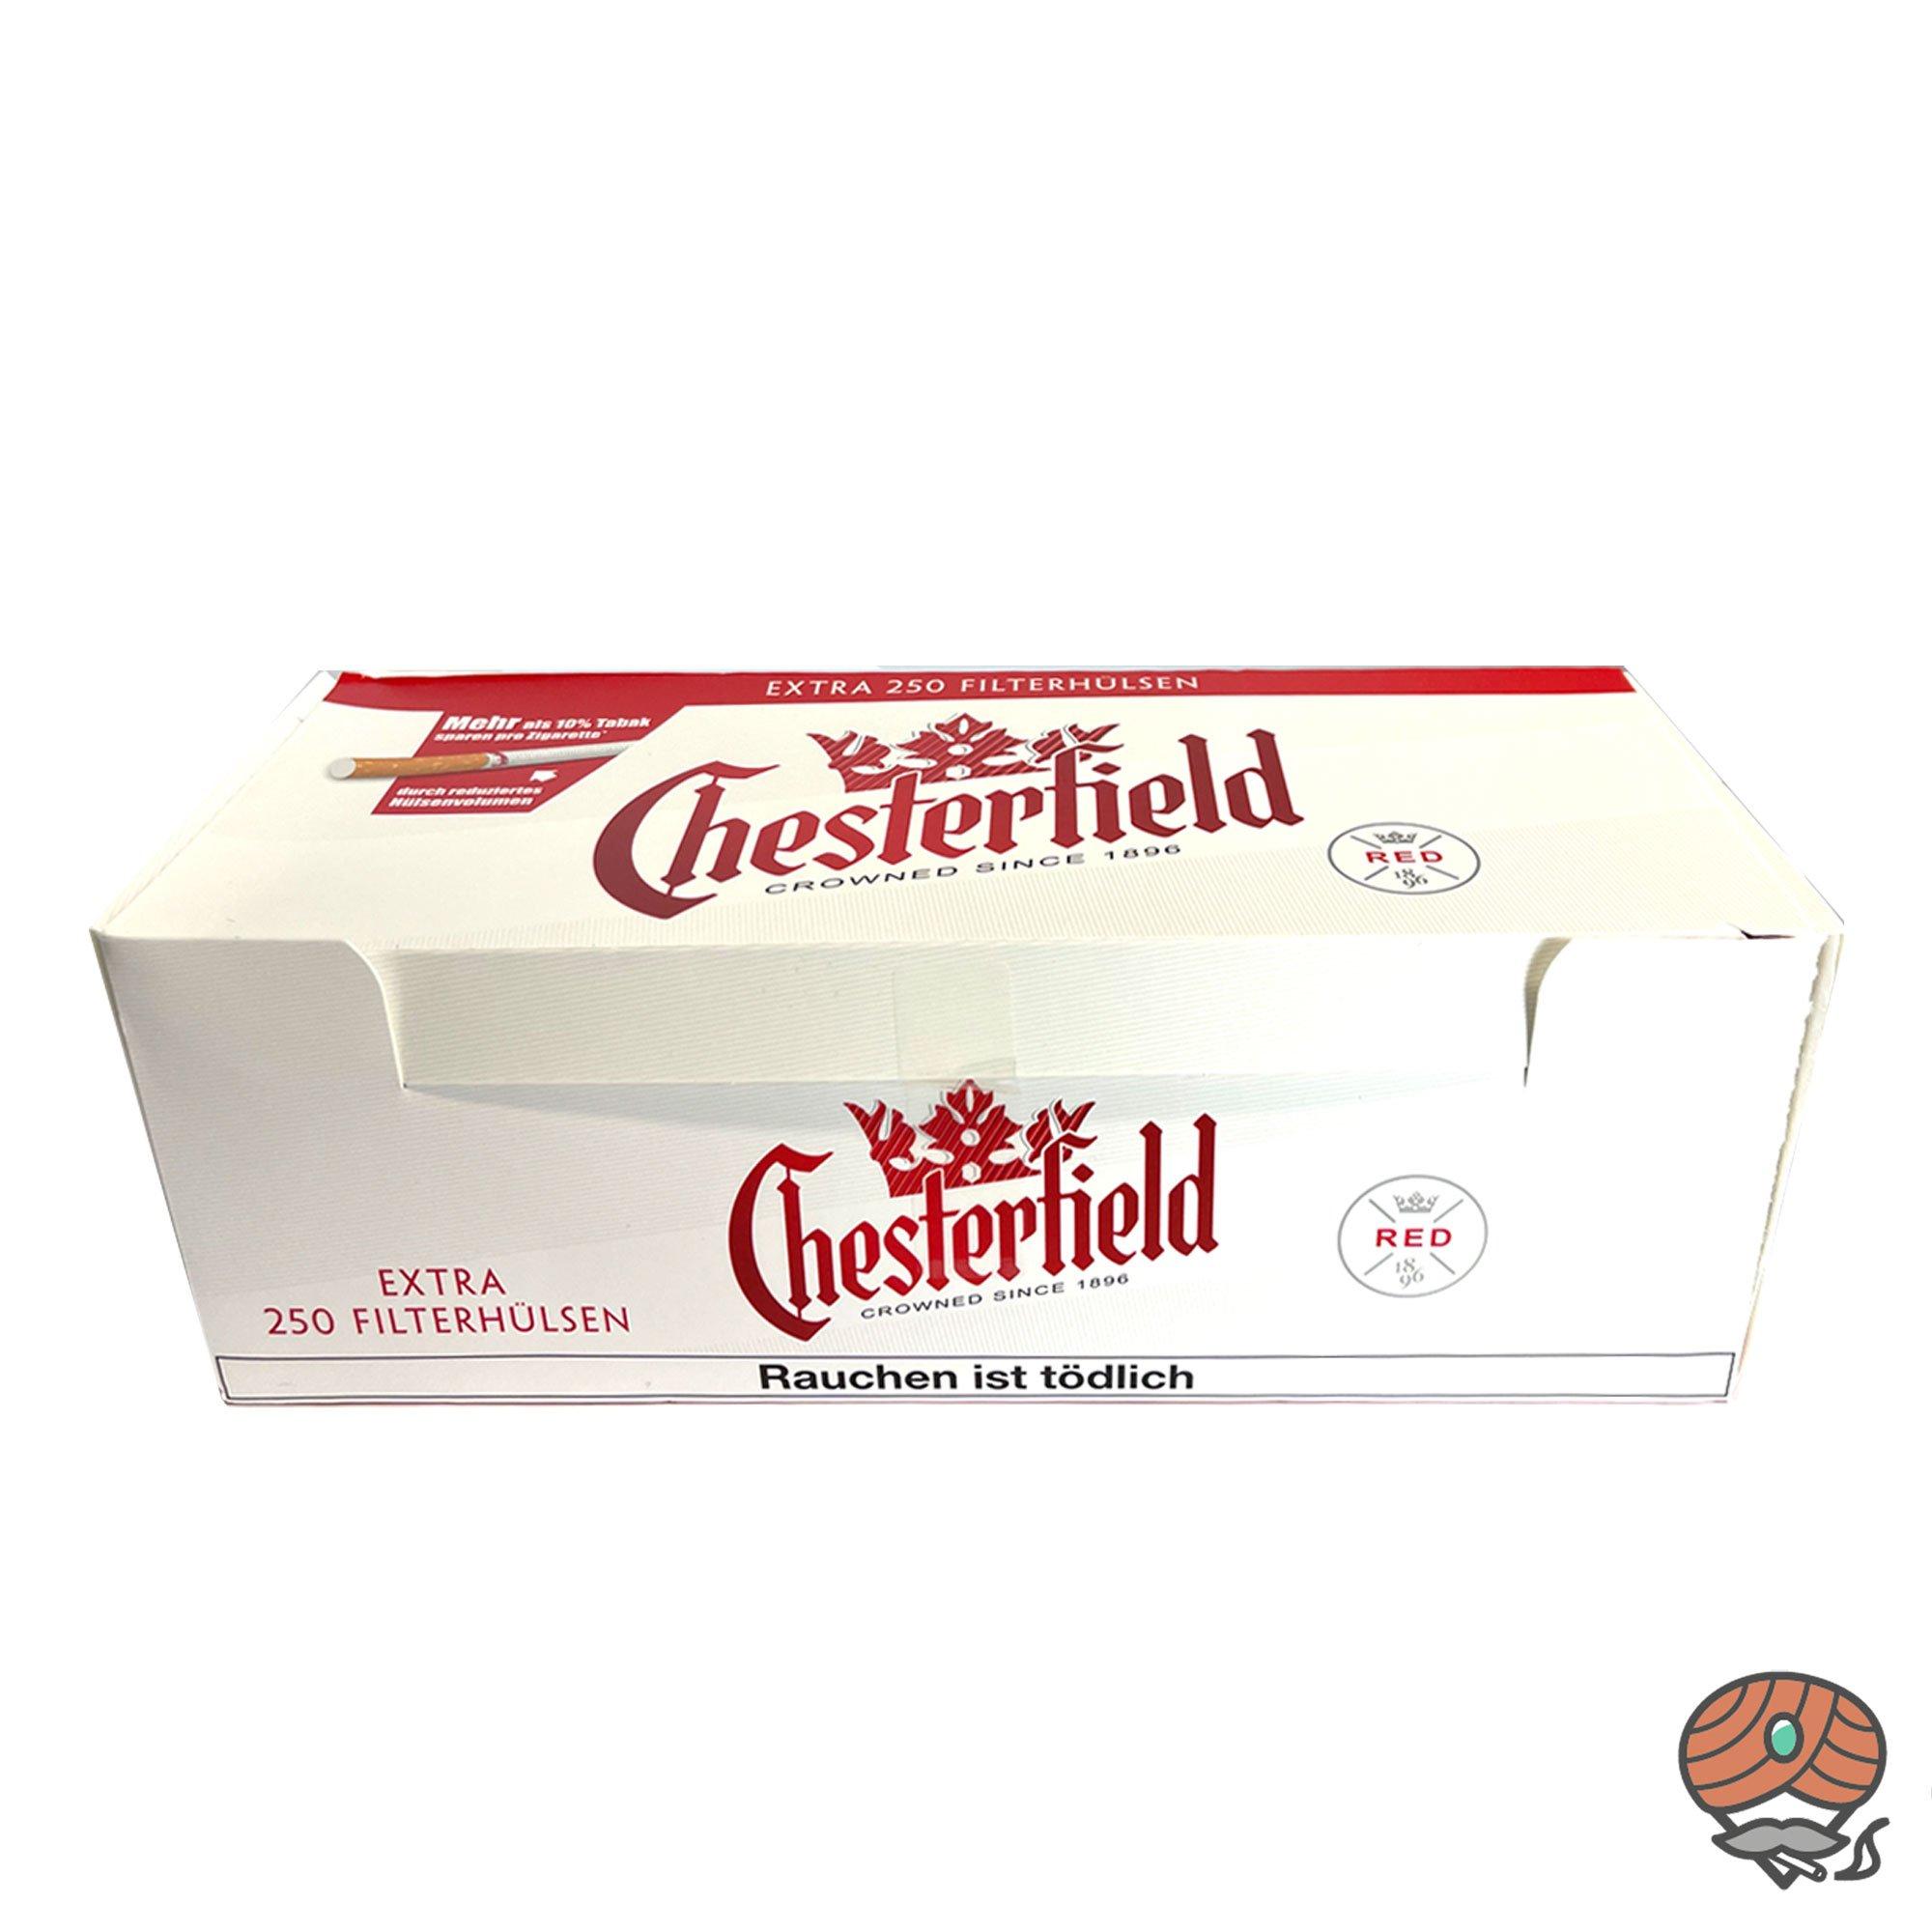 Chesterfield Red Extra-Filterhülsen / Tubes 250 Stück